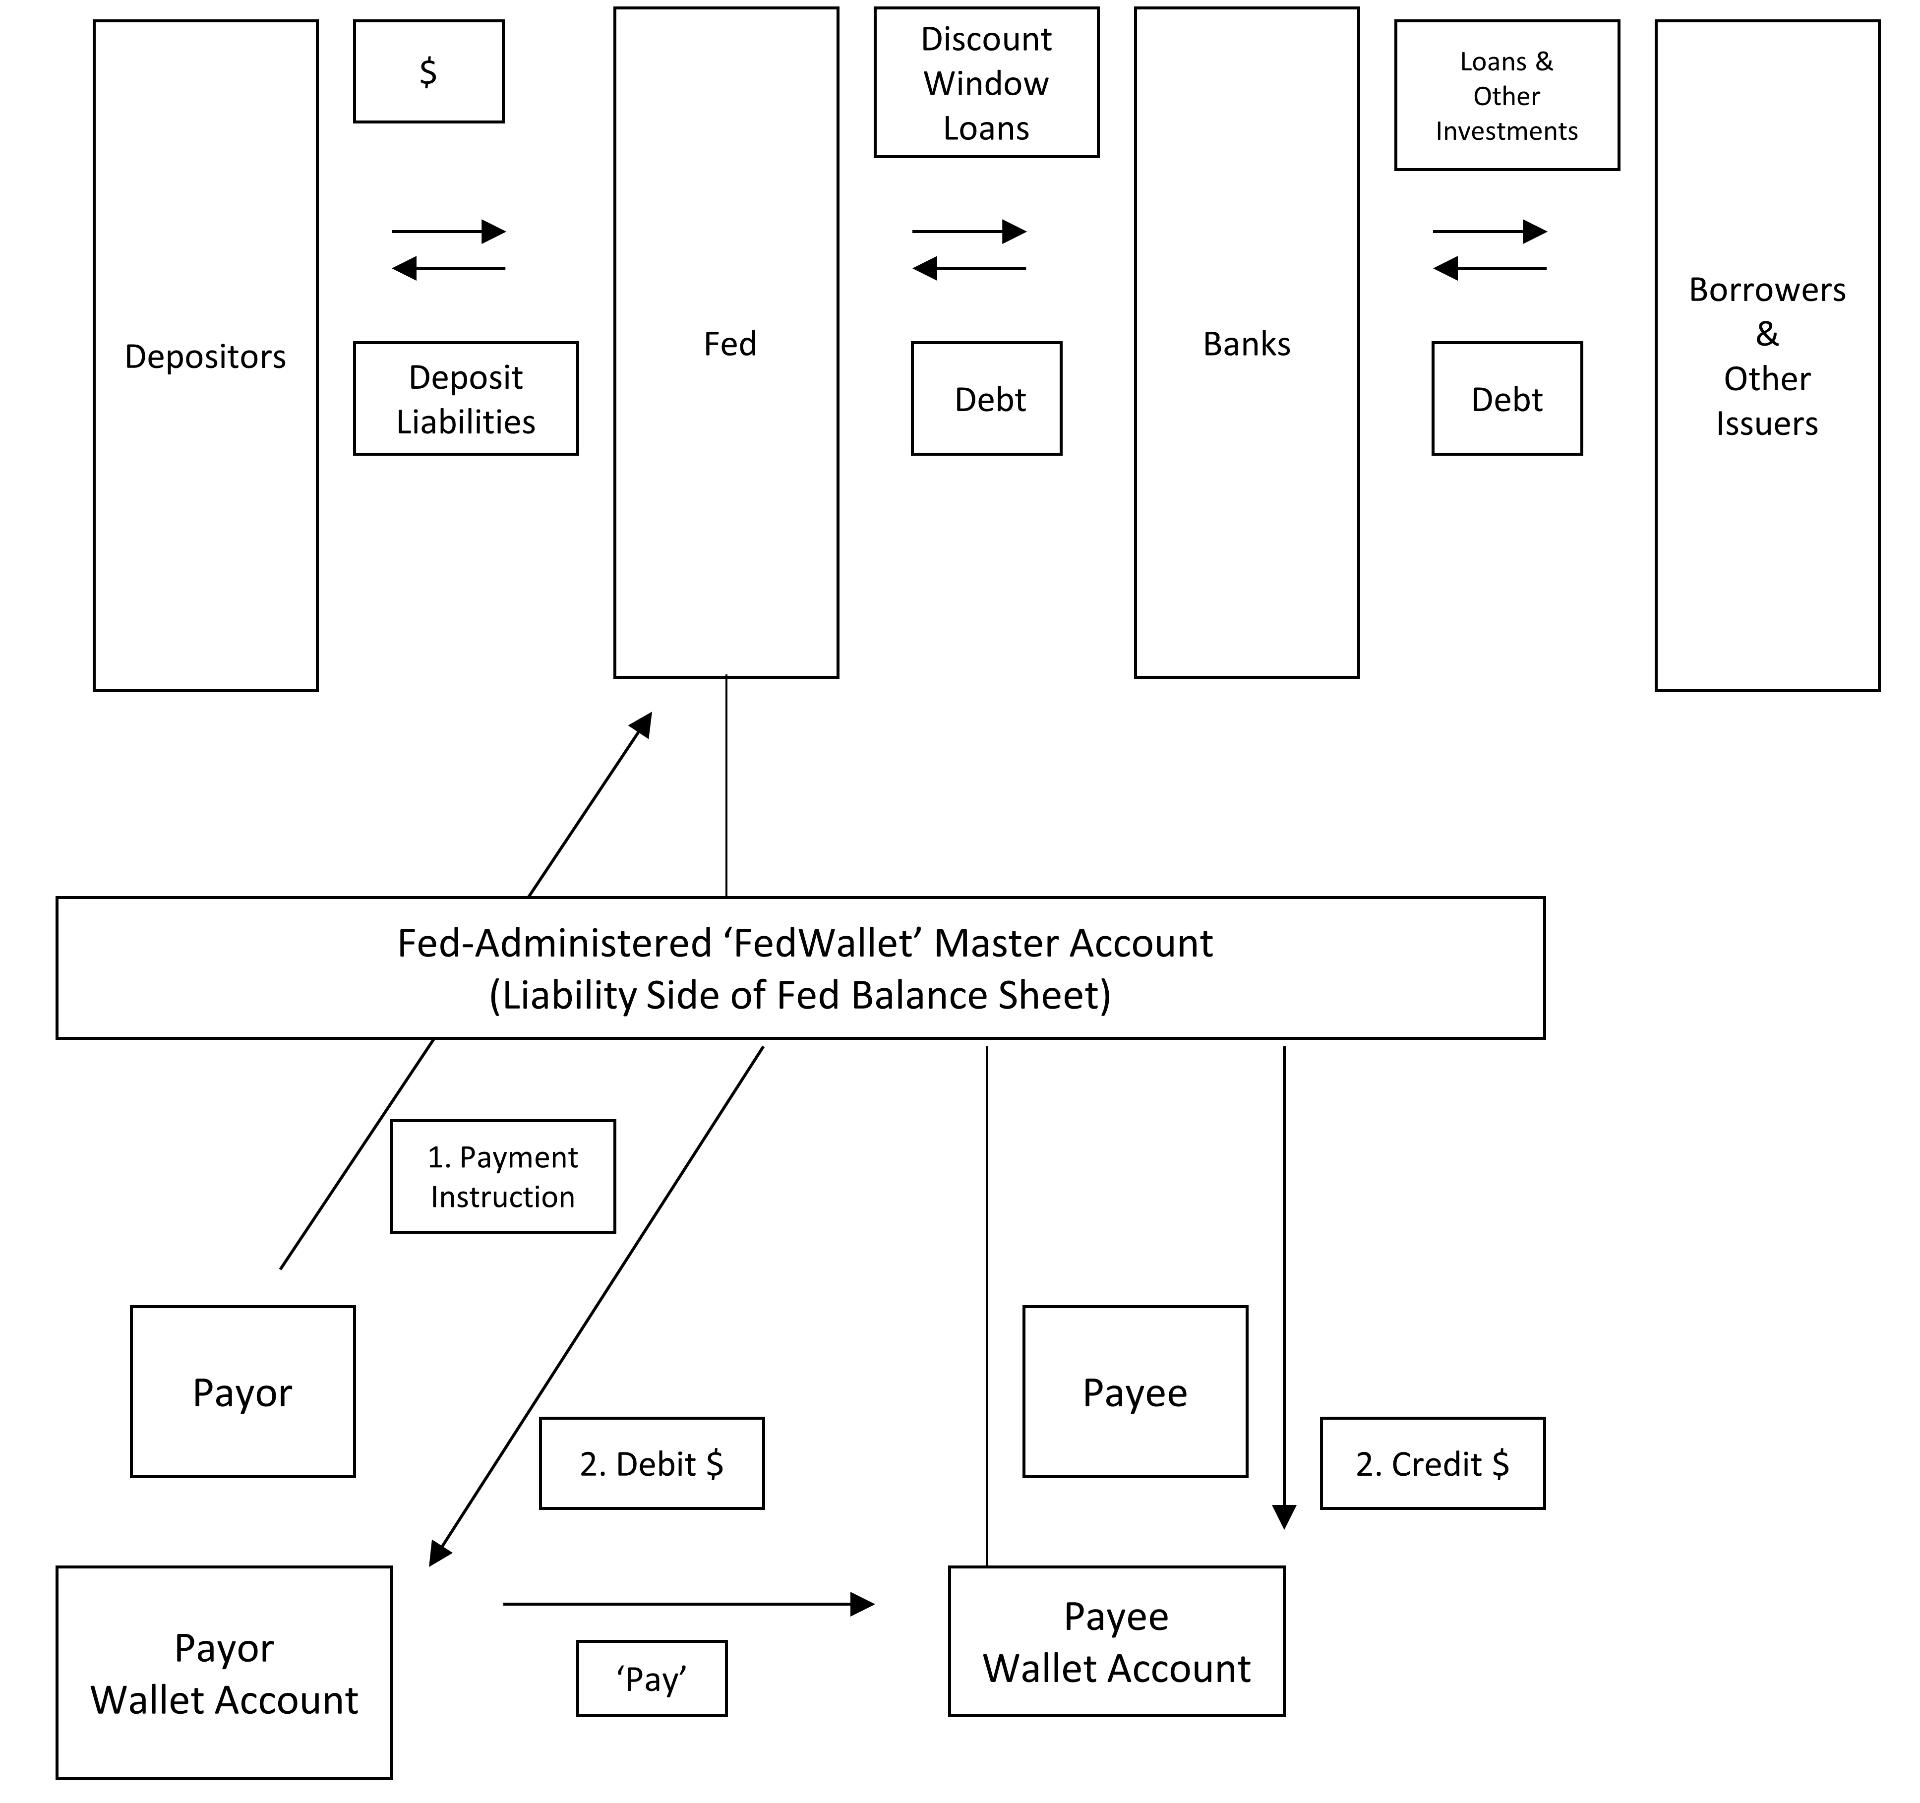 Reformed Fed/Bank/Depositor/Issuer Arrangements & Financial Flows, with Fed-Administered 'FedWallet' IVL Platform